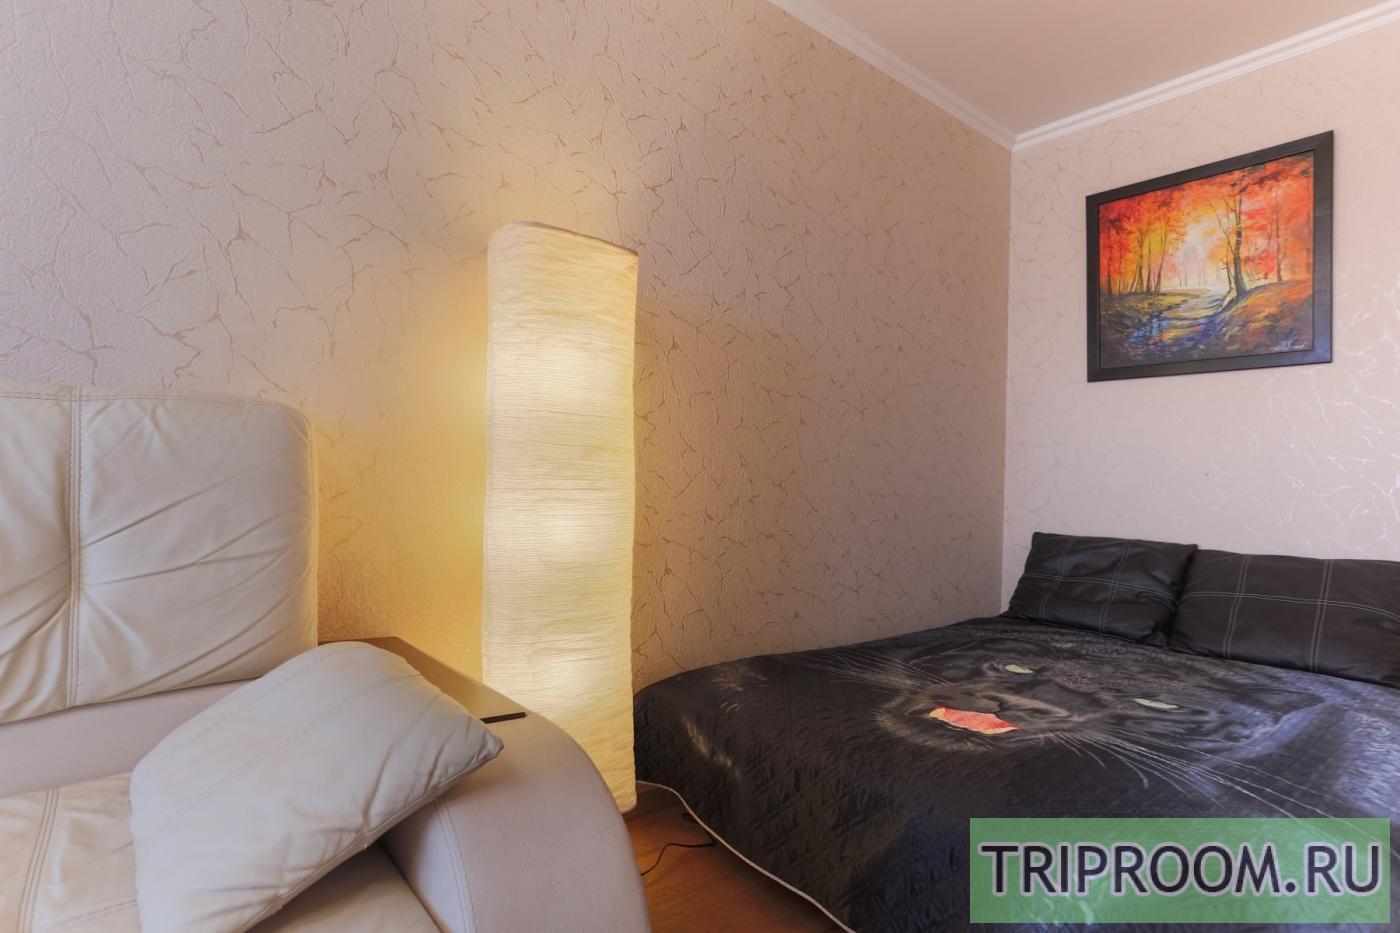 Comazo отличное снять квартиру на сутки в самаре от собственника термобелье: Некоторые